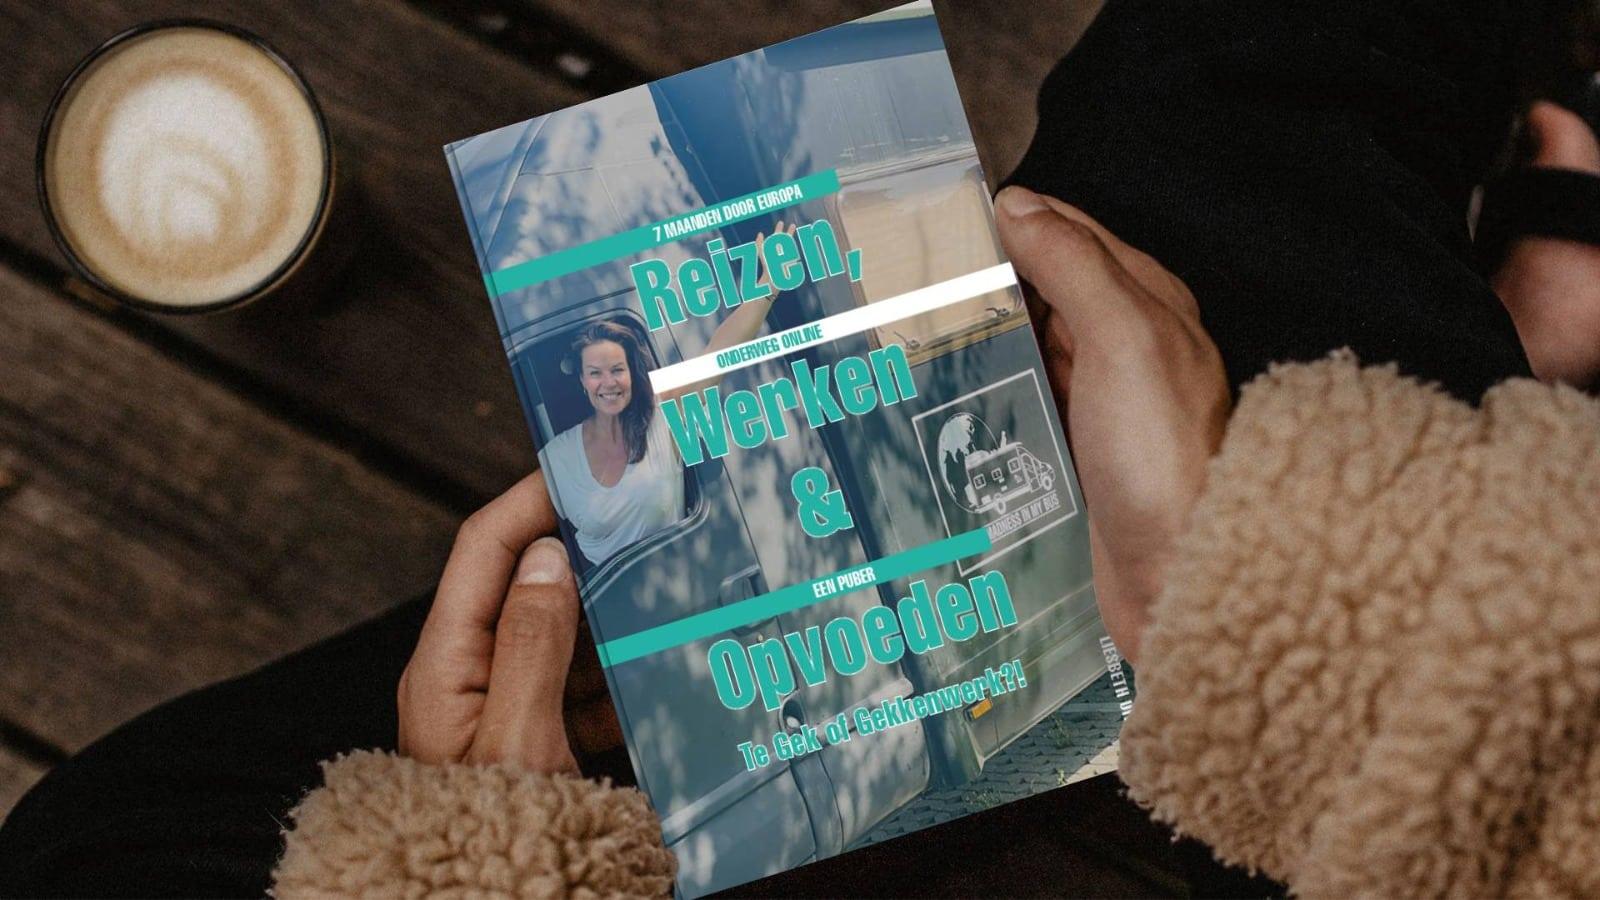 Het boek: Reizen, Werken & Opvoeden: Te Gek of Gekkenwerk? | Liesbeth Uithol